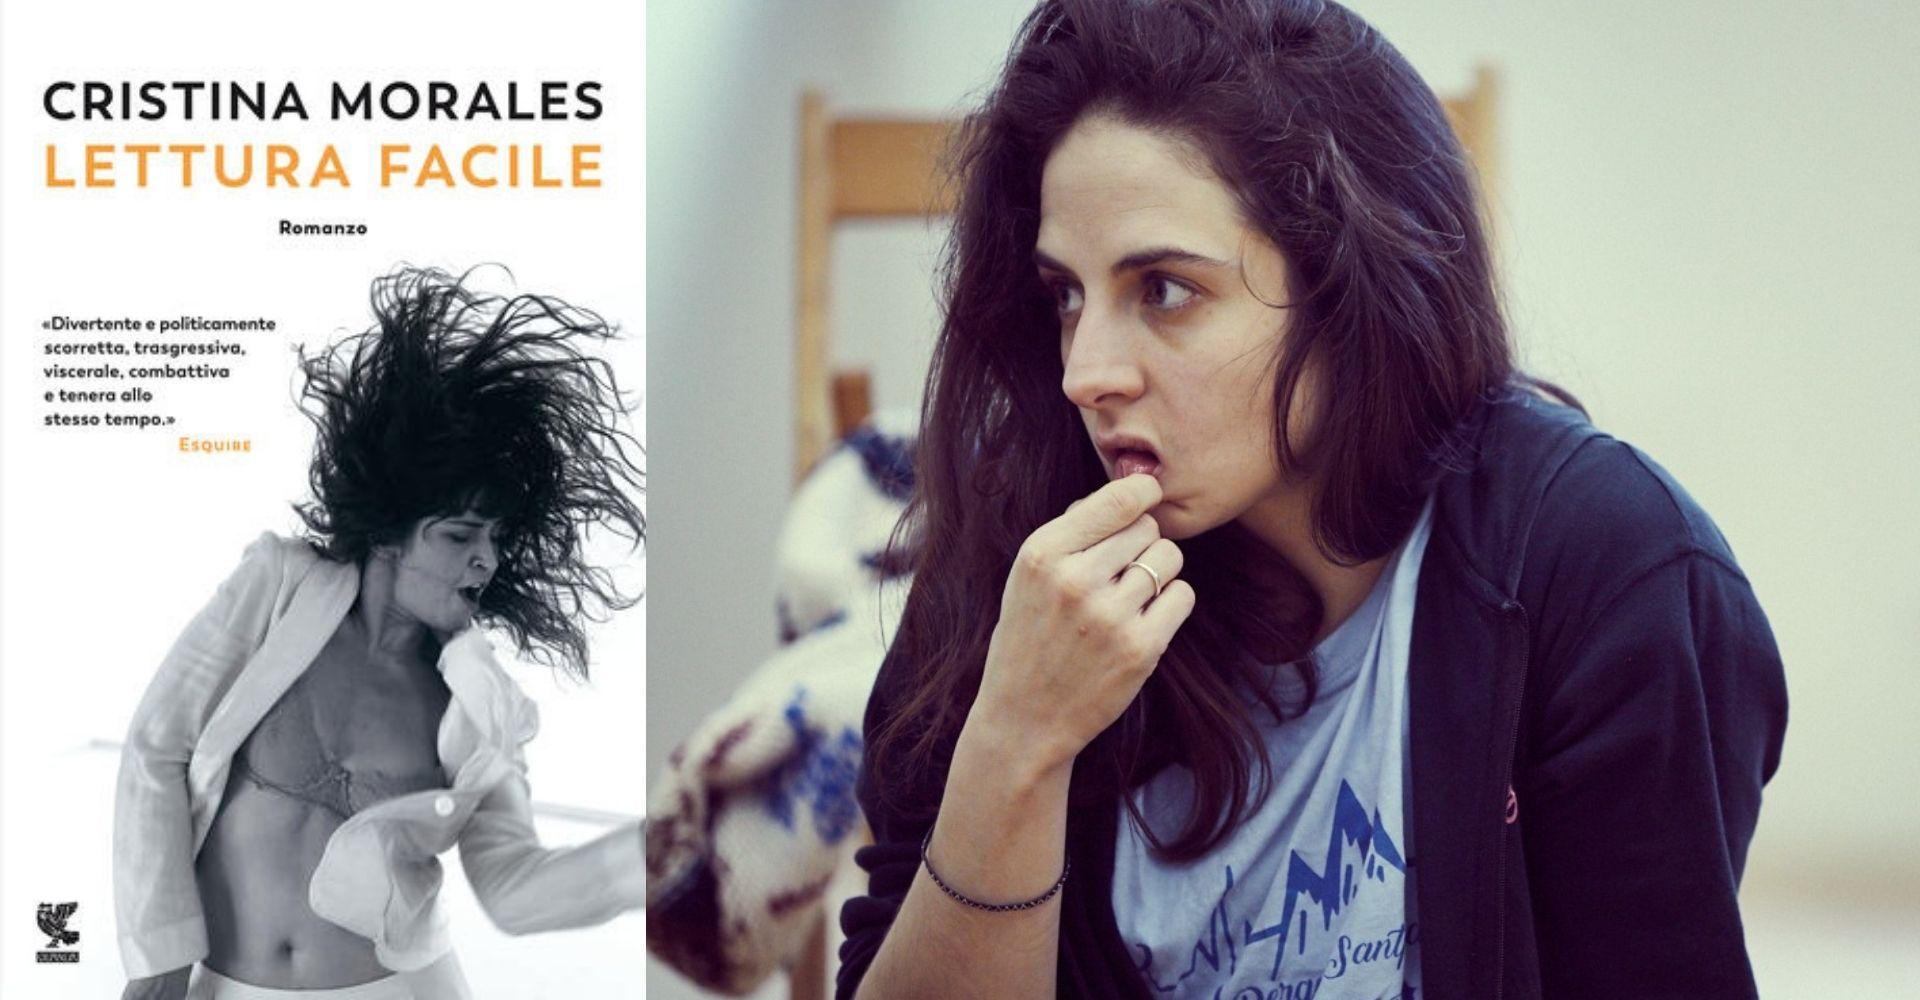 Il libro di Cristina Morales non è una